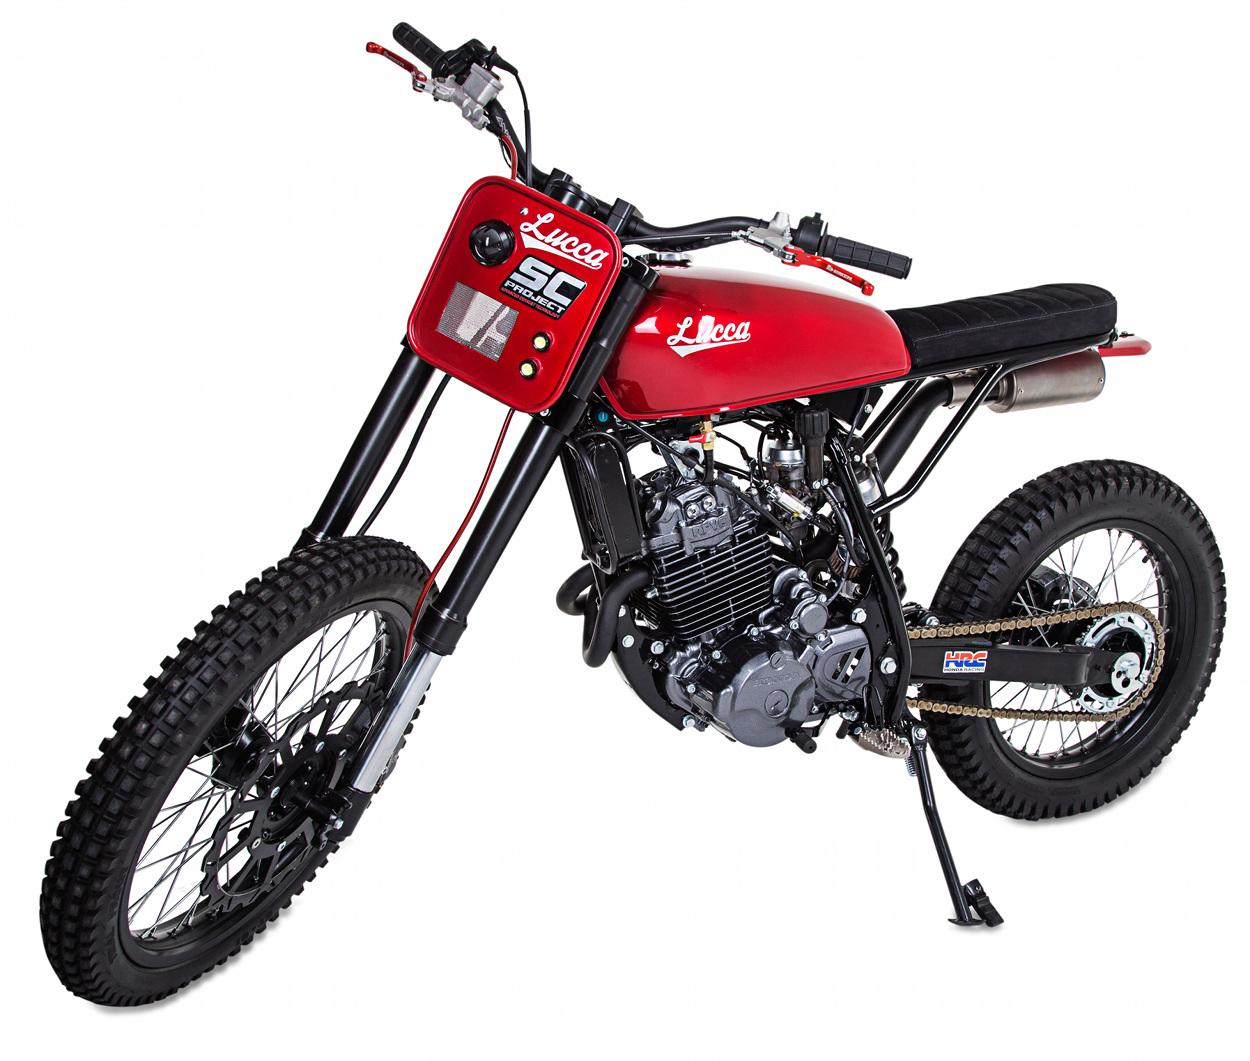 Honda Dual Sport Helmet >> Honda NX350 Scrambler by Lucca Customs x Wolf Motorcycles – BikeBound